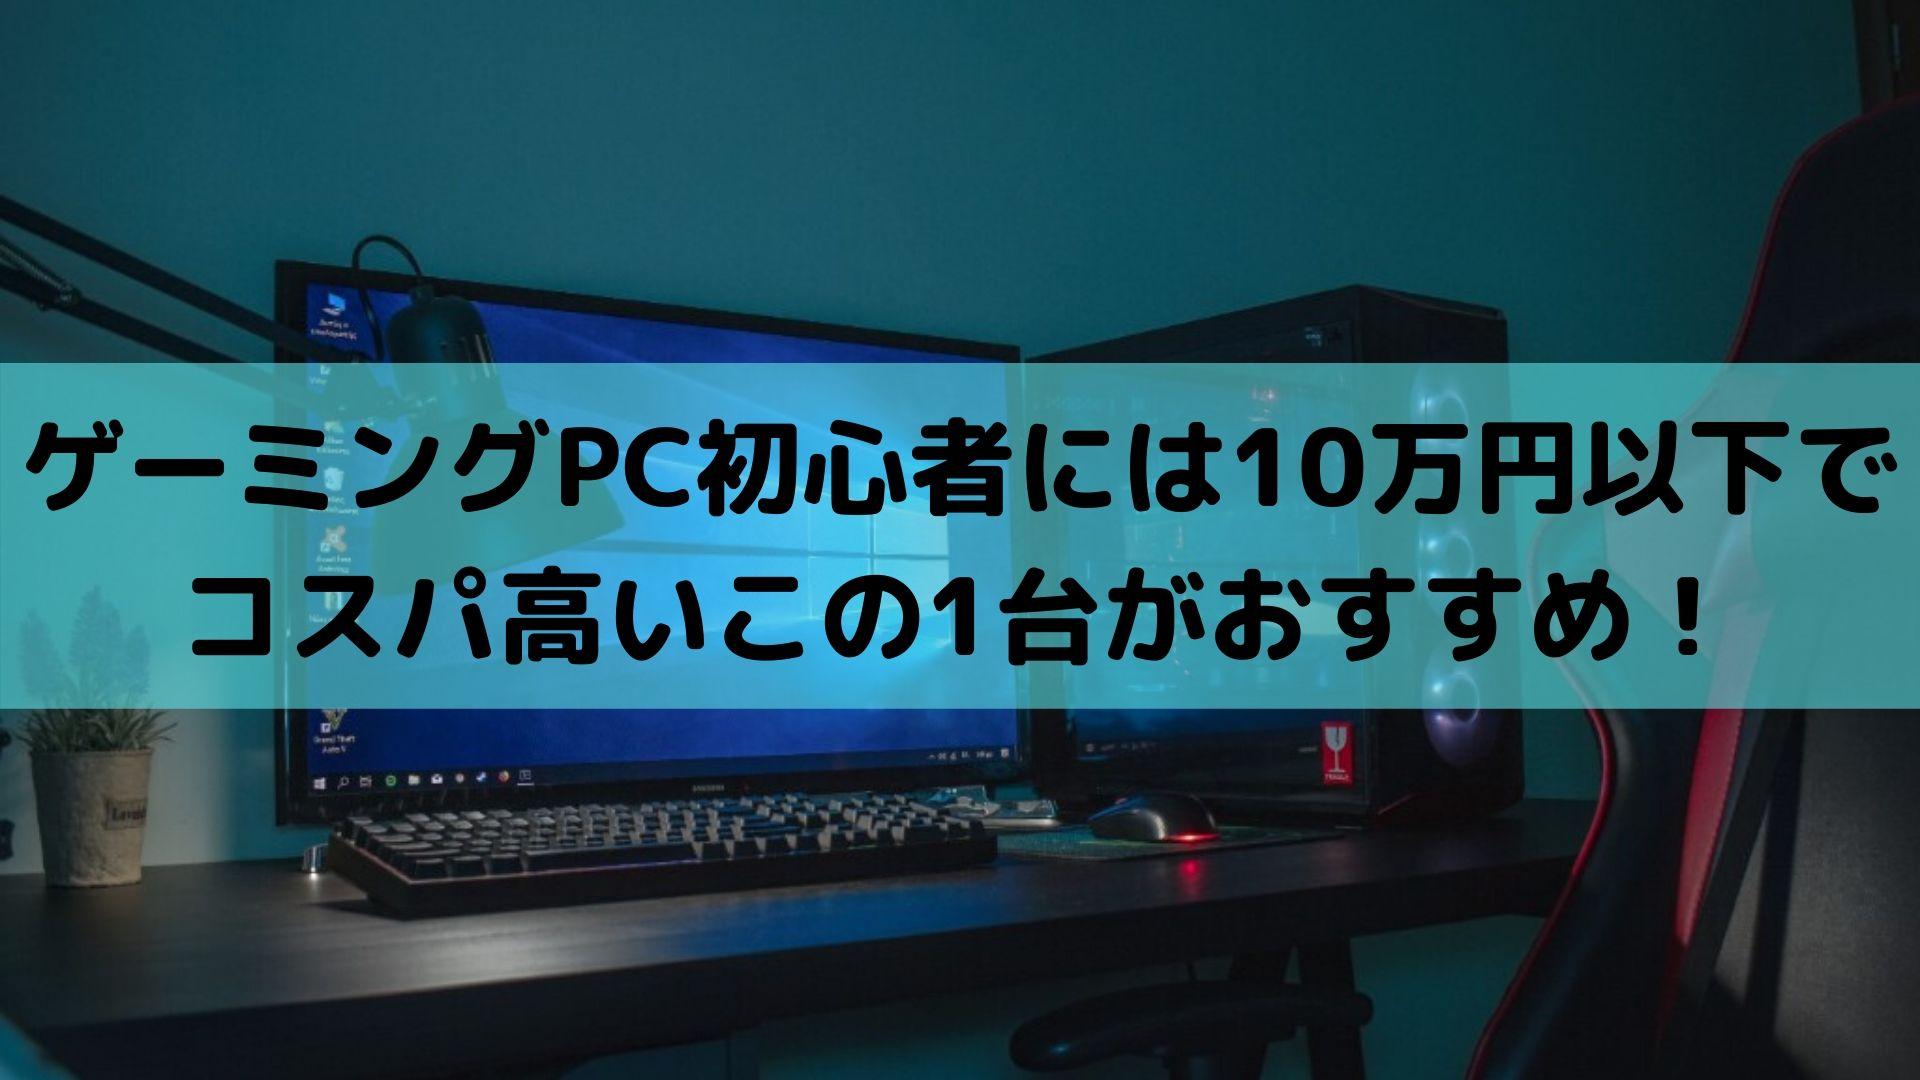 初心者向けゲーミングPC 10万円以下